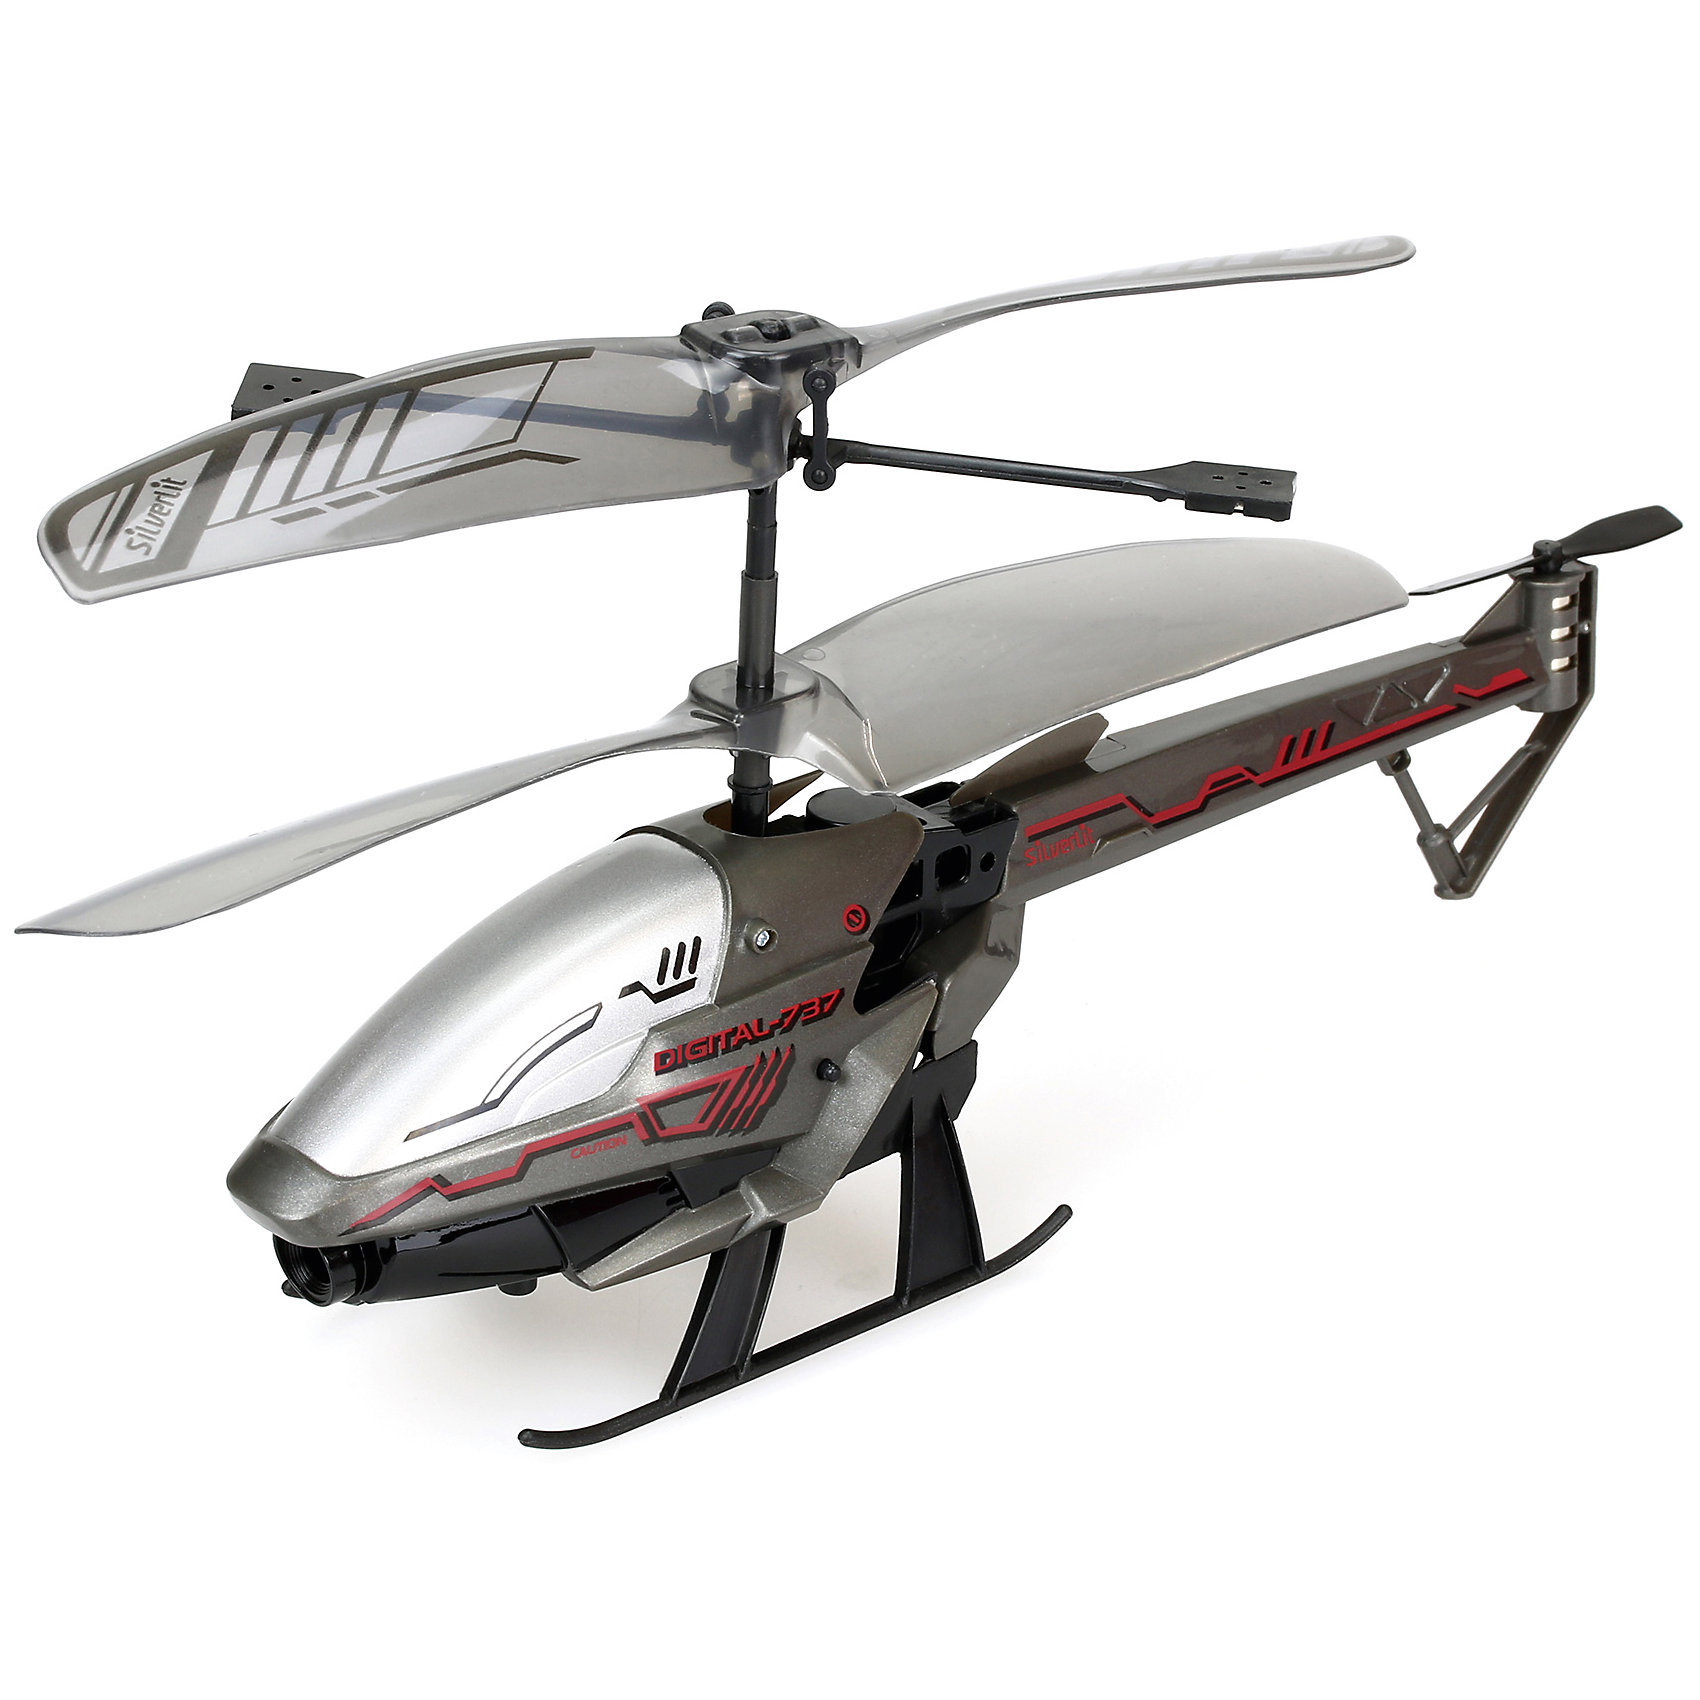 Вертолет 3-х канальный Spy Cam 3 с камерой, SilverlitСамолёты и вертолёты<br>Вертолет 3-х канальный Spy Cam 3 с камерой, Silverlit.<br><br>Характеристики:<br><br>- Комплектация: вертолет, пульт управления<br>- Материал: пластик, металл<br>- Размер вертолета: 31 x 9 x 33 см.<br>- Количество каналов: 3<br>- Режим «простое управление»<br>- Типы передачи данных, зарядка: USB<br>- Тип питания вертолета: встроенный литий-полимерный аккумулятор<br>- Батарейки для пульта: 4 х АА / LR6 1,5V (не входят в комплект)<br>- Память: Micro SD 256 мб<br><br>Трехканальный вертолет Spy Cam 3 от Silverlit настоящий боевой вертолет со шпионским оборудованием для маленьких суперагентов! Кто из нас в детстве не мечтал ощутить себя настоящим шпионом?! Благодаря встроенной видеокамере, позволяющей сделать около 800 качественных фотоснимков, а также снять 5-минутный видеоролик, это стало возможно! Используя порт USB юный шпион может передать добытые файлы на компьютер и спокойно и вдумчиво оценить обстановку на территории противника. Дистанционно управляемый вертолет имеет двойные лопасти, которые помогают ему быстро набрать предельную высоту. Предусмотрена система автоматического взлета и посадки. Имеется возможность увеличения объема памяти с помощью карты micro SD (не в комплекте). Продукция сертифицирована, экологически безопасна для ребенка, использованные красители не токсичны и гипоаллергенны.<br><br>Вертолет 3-х канальный Spy Cam 3 с камерой, Silverlit можно купить в нашем интернет-магазине.<br><br>Ширина мм: 330<br>Глубина мм: 89<br>Высота мм: 304<br>Вес г: 596<br>Возраст от месяцев: 36<br>Возраст до месяцев: 2147483647<br>Пол: Унисекс<br>Возраст: Детский<br>SKU: 5059838